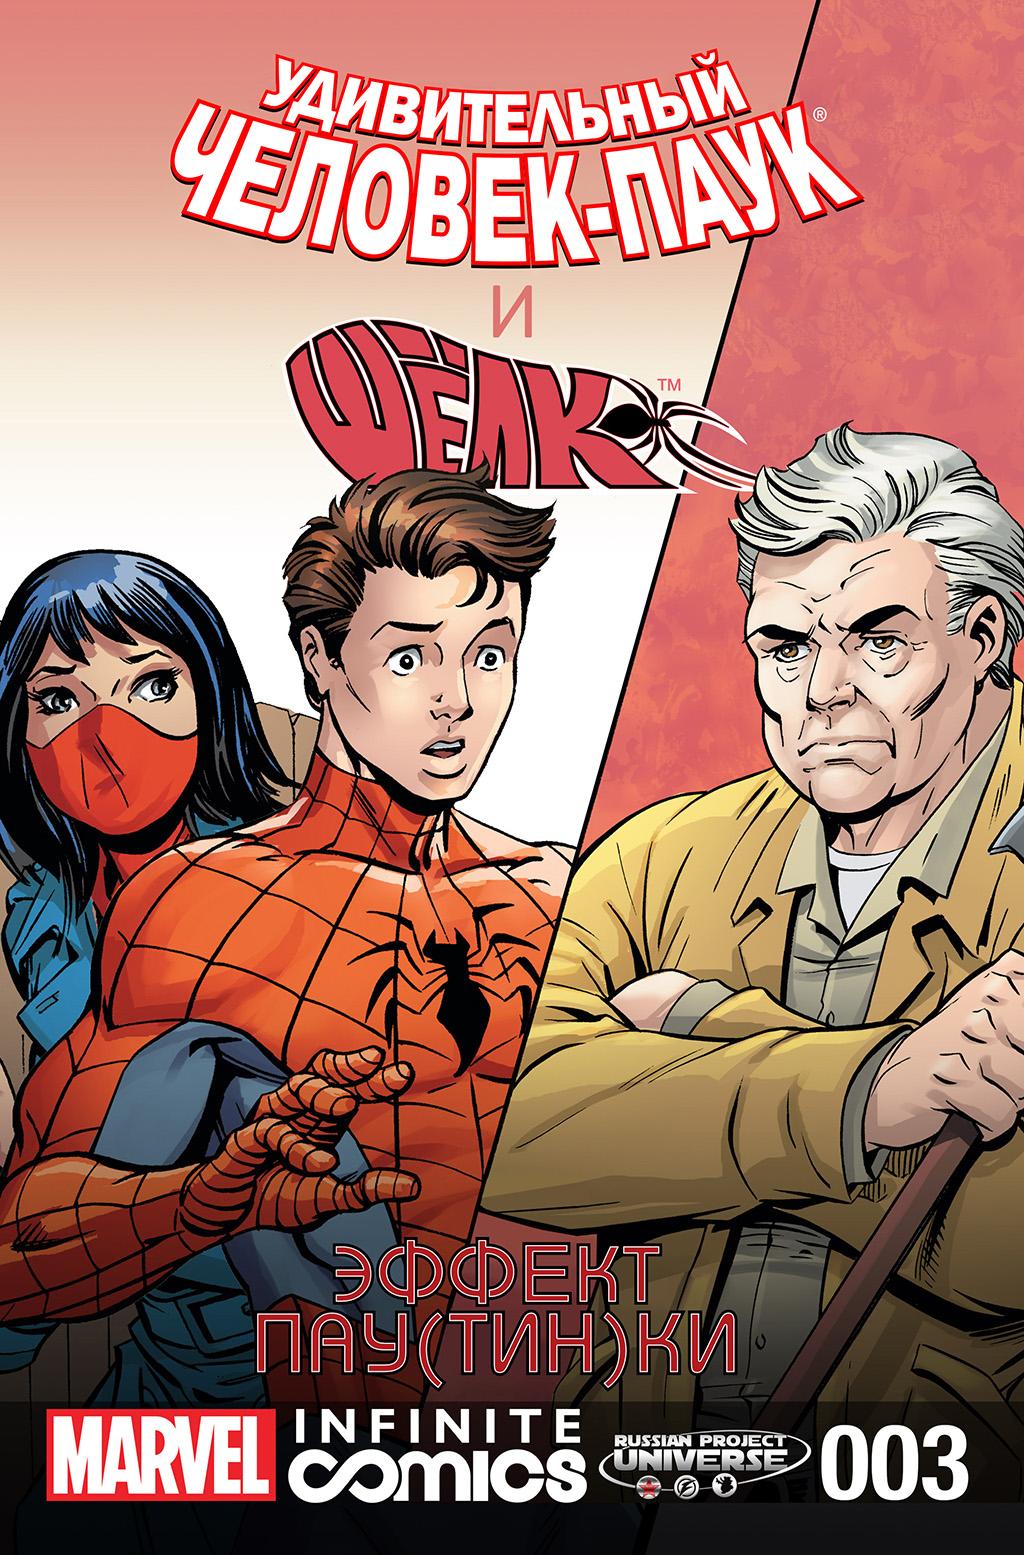 Комикс Удивительный Человек-паук и Шелк: Эффект Пау(тин)ки